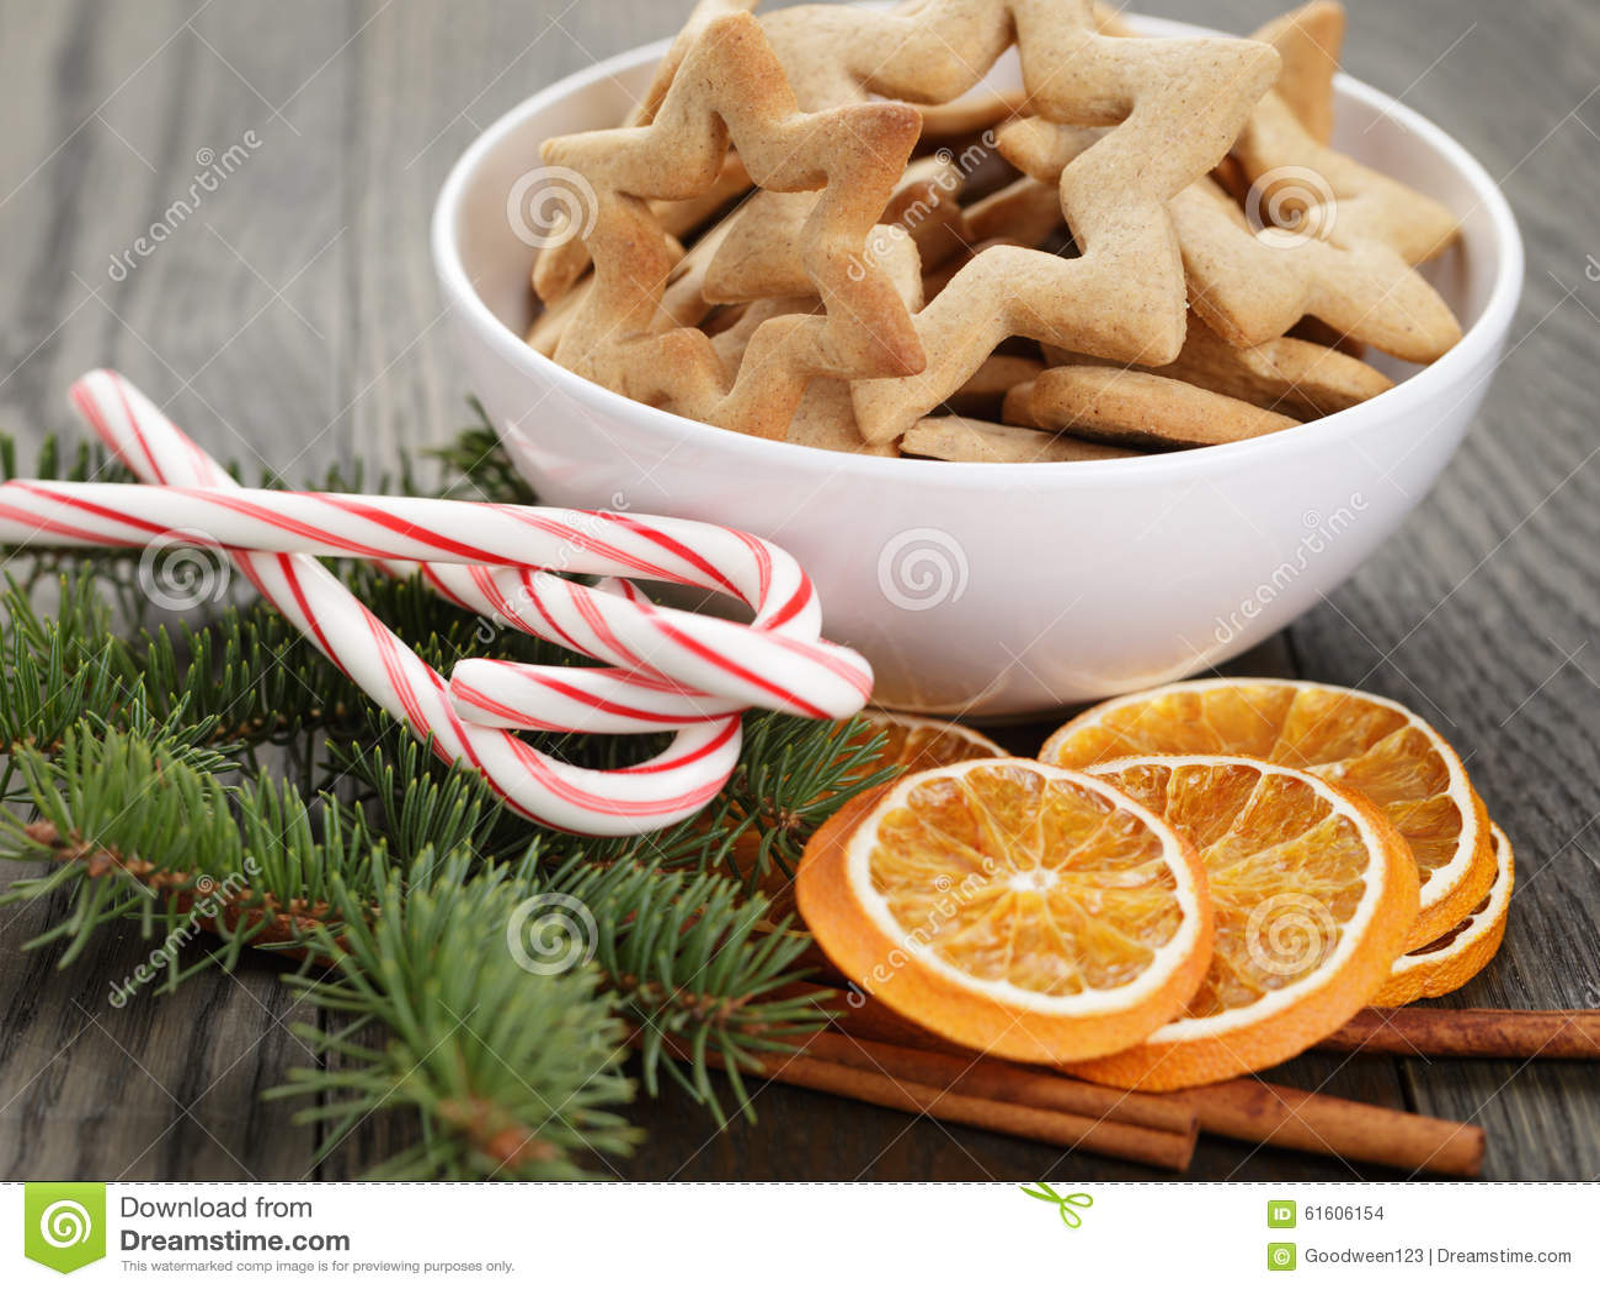 Biscotti Classici Di Natale.Biscotti Classici Della Stella In Ciotola Bianca Con Natale